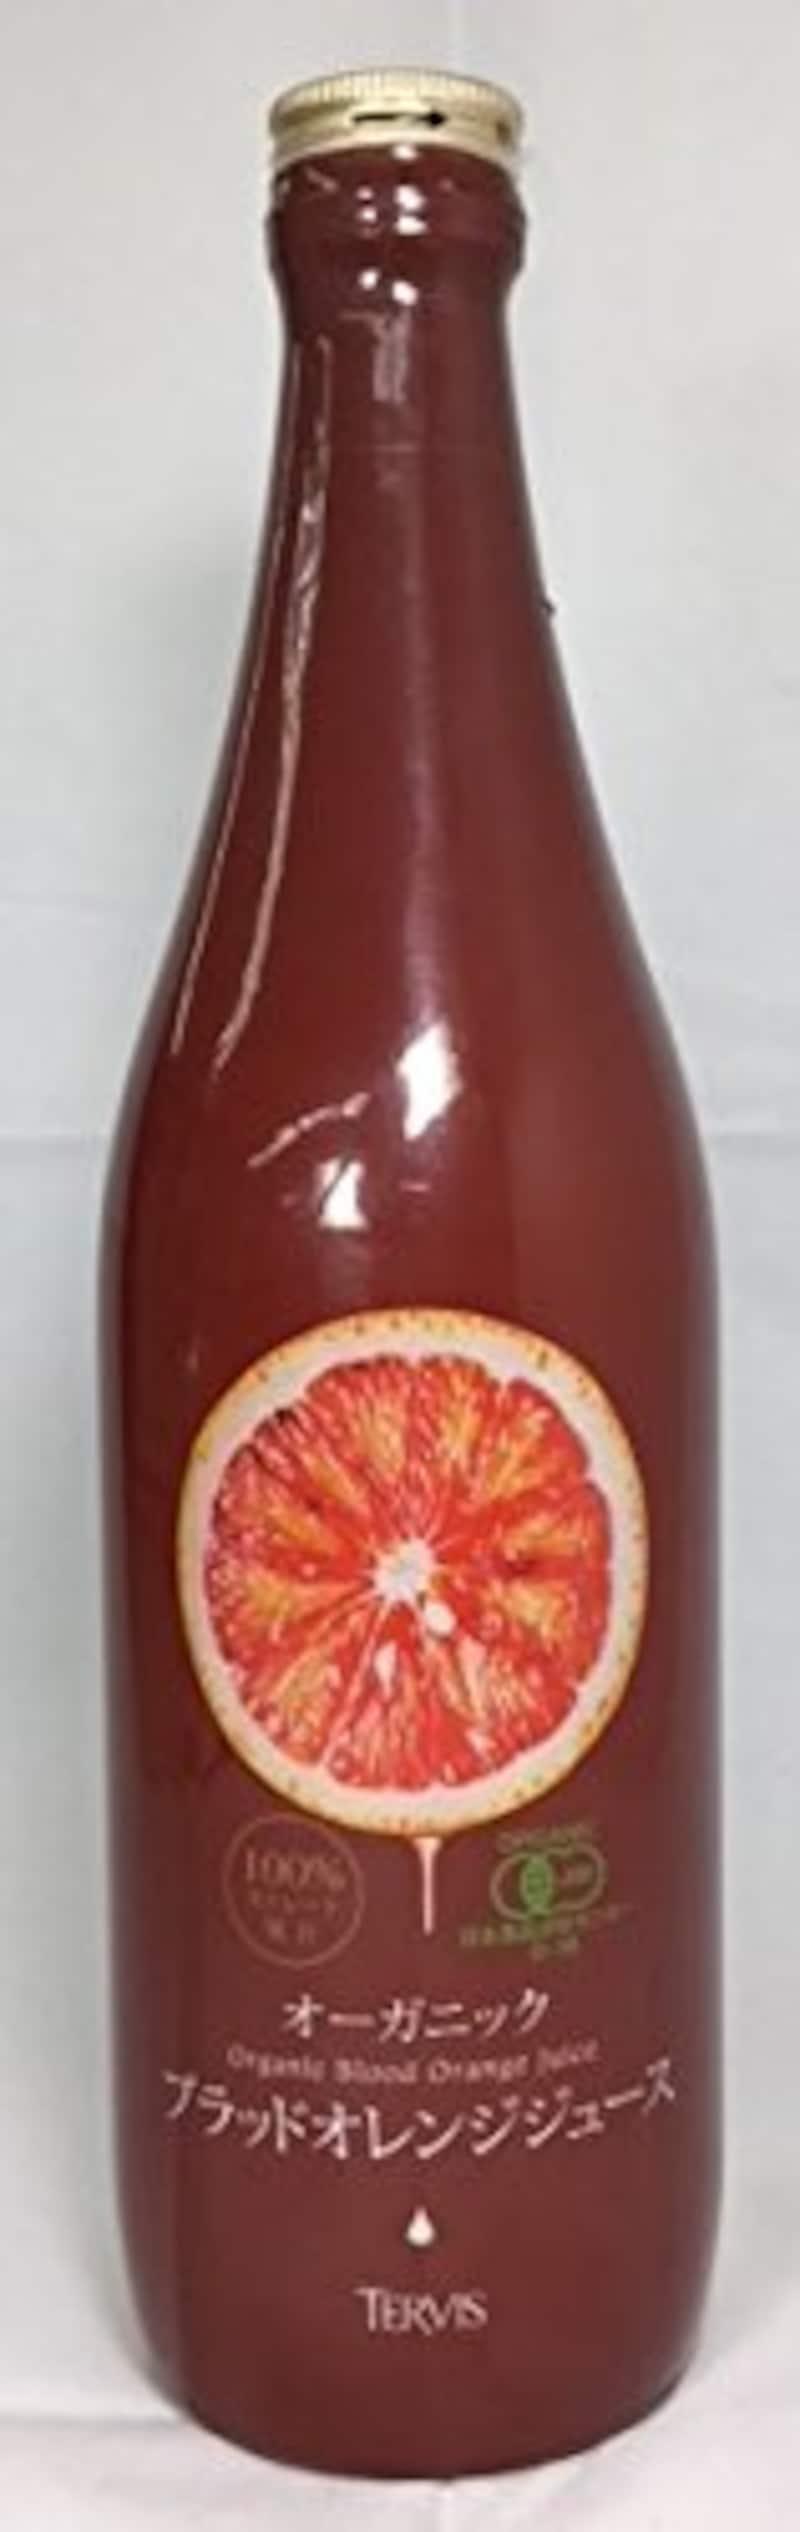 テルヴィス,オーガニックブラッドオレンジジュース